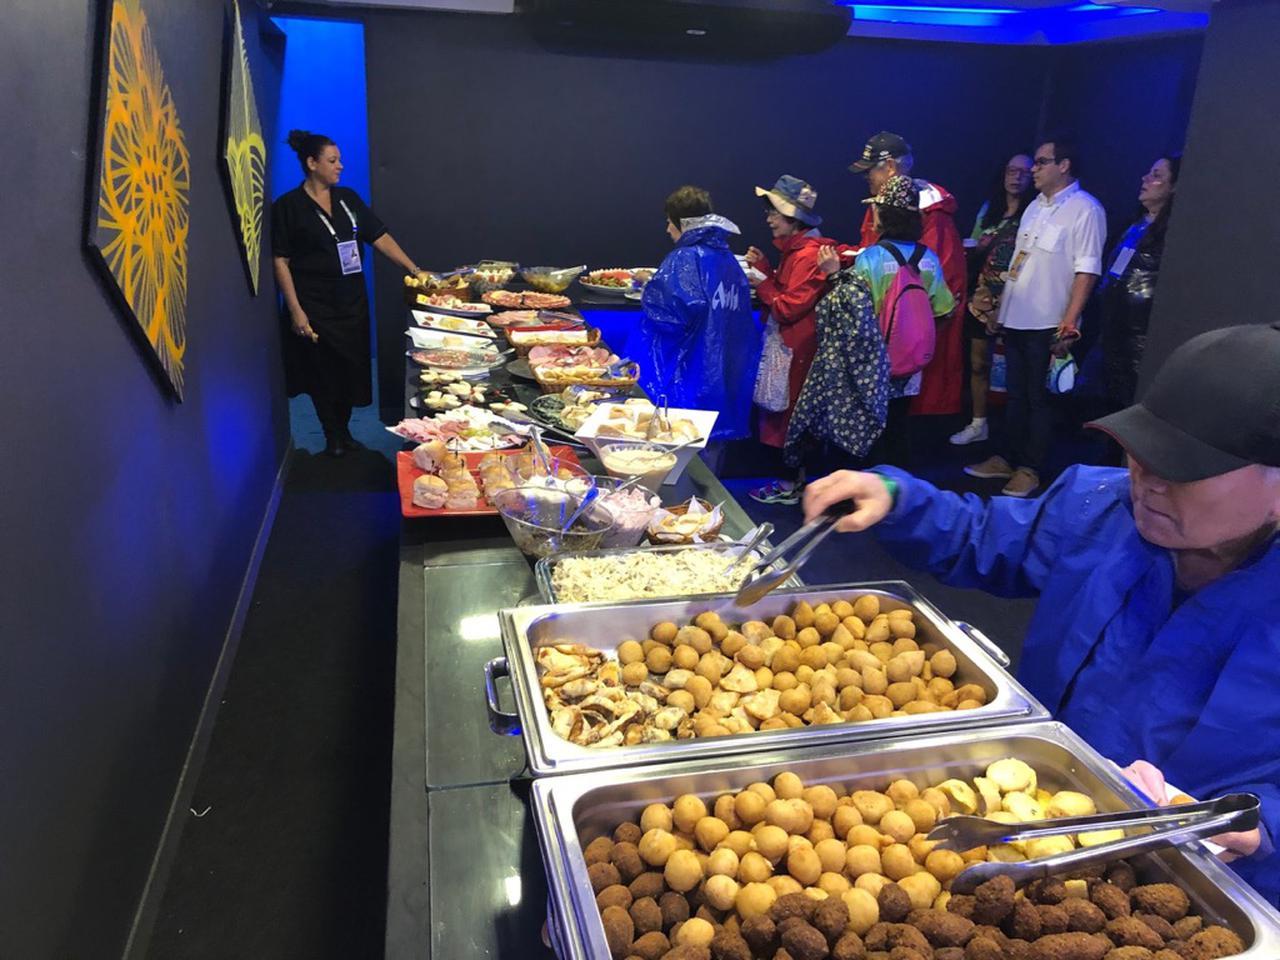 画像: ブラジル名物料理をはじめてするビュッフェも無料で利用可能でした(2020年2月・弊社添乗員撮影)